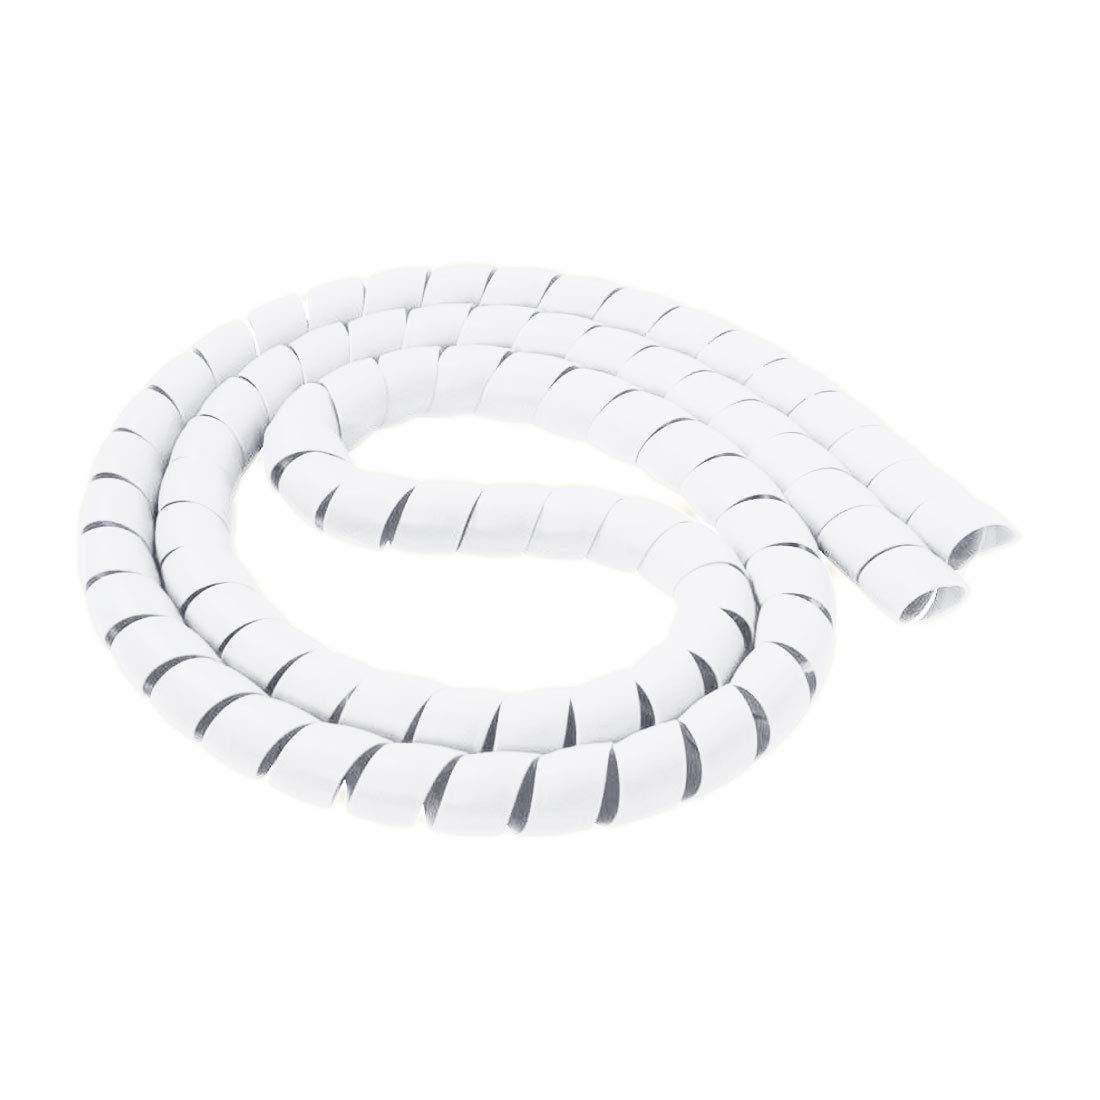 14 mm Espiral Alambre Organizador Envoltura Tubo ign/ífugo Manga de Cable Espiral Bandas di/ámetro Carcasa Tubo uu19ee 10 mm